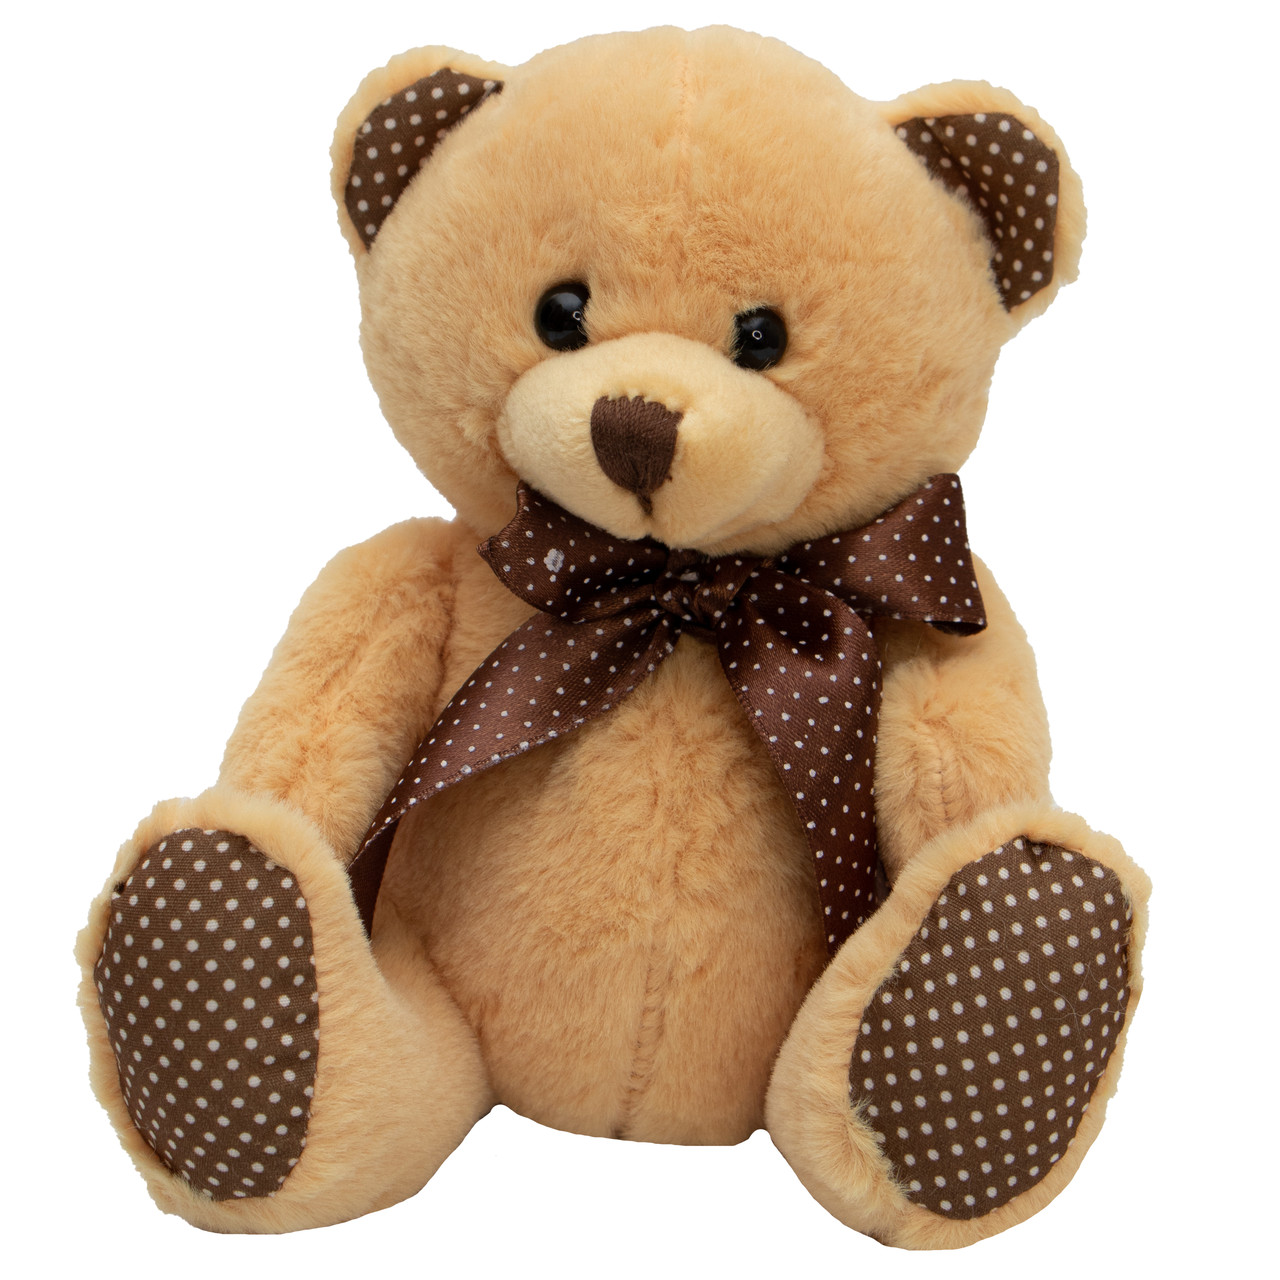 М'яка іграшка - ведмідь, 15 см, світло-коричневий, плюш (395759)